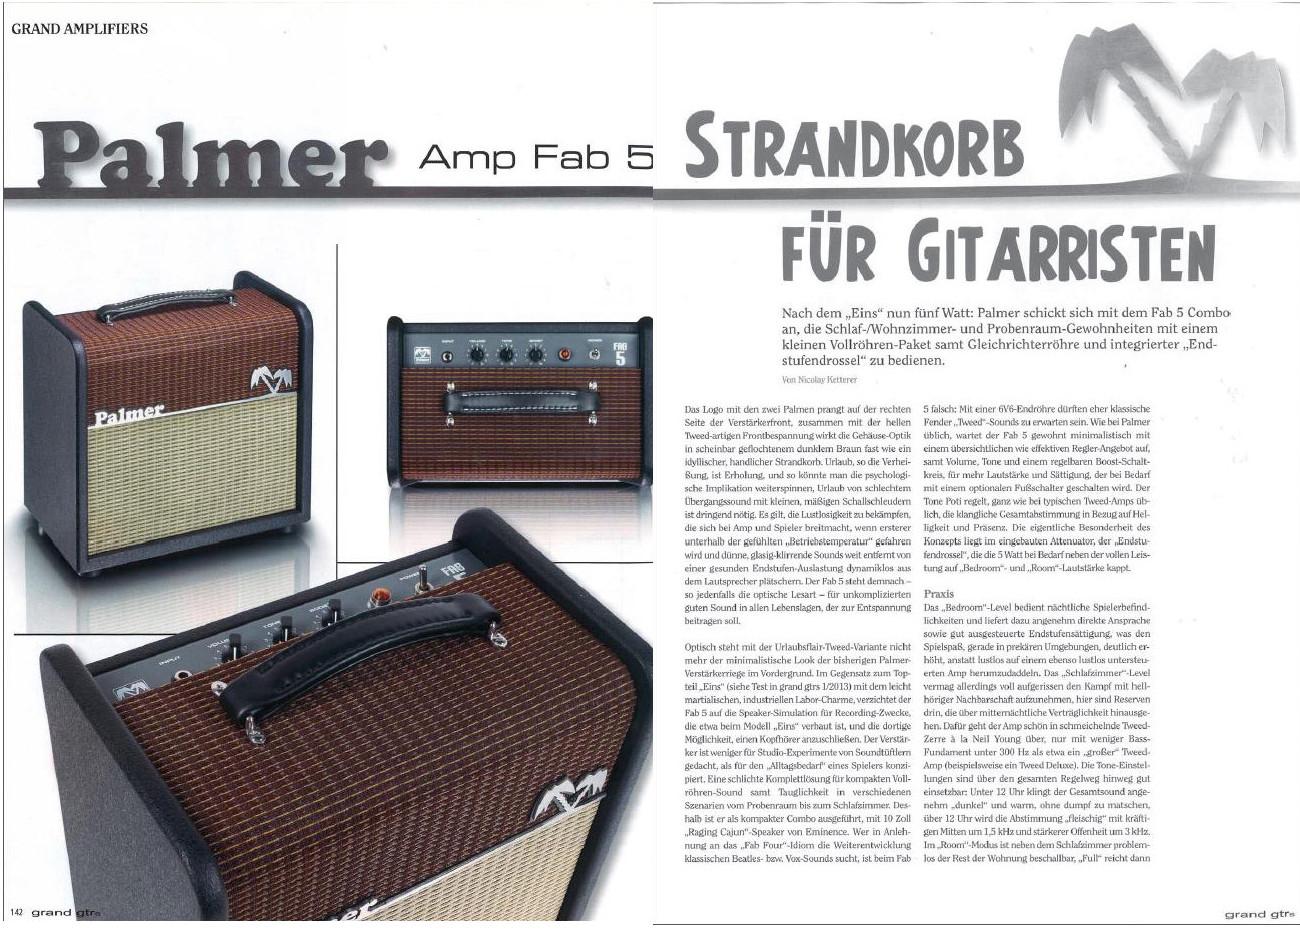 palmer fab 5 – strandkorb für gitarristen – testbericht von grand